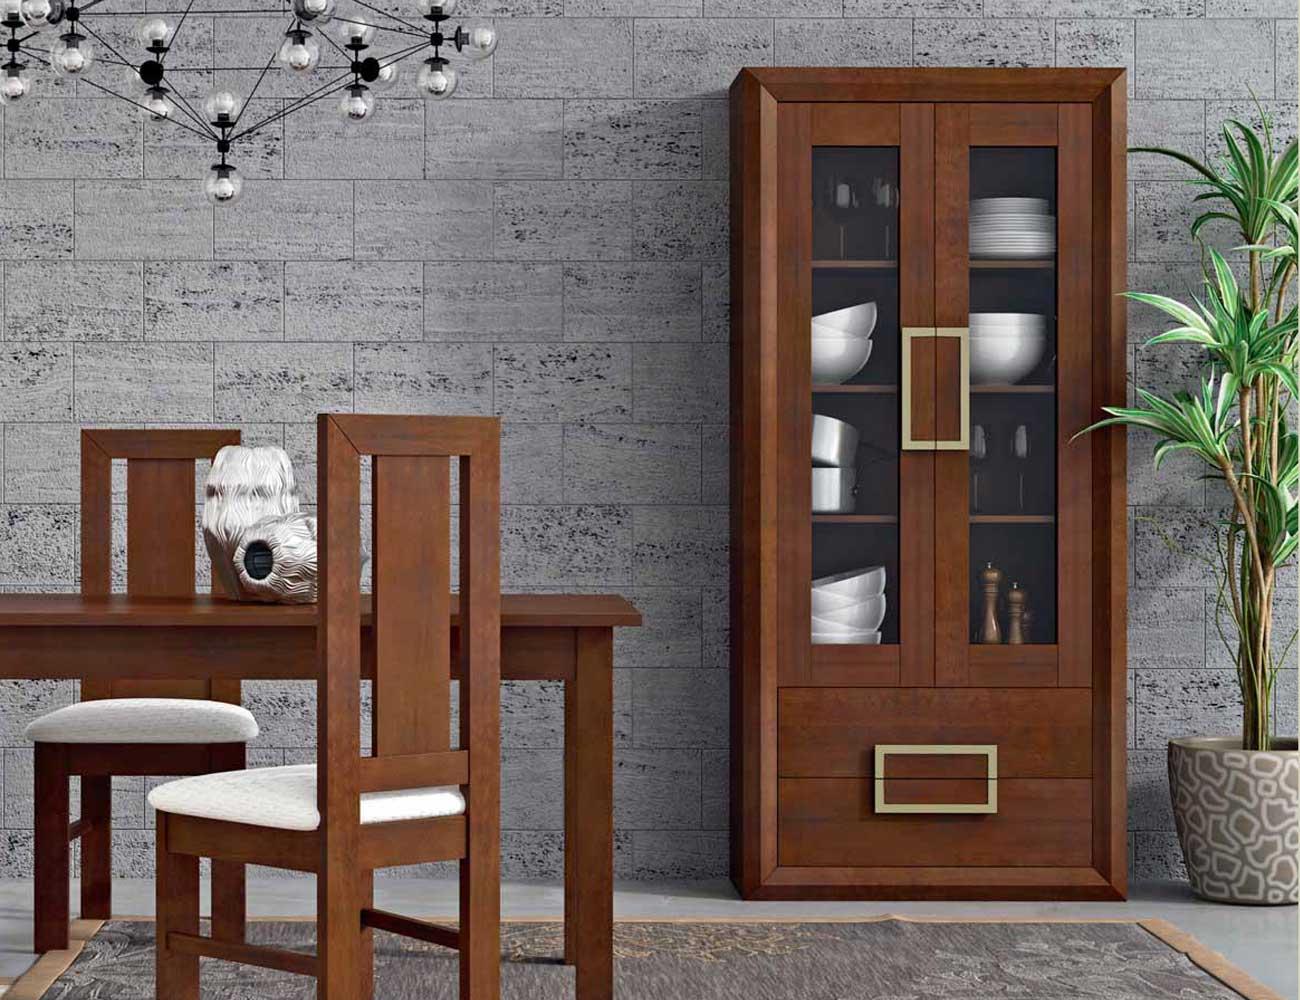 Mueble aparador color nogal combinado con champagne 7555 - Factory del mueble ...